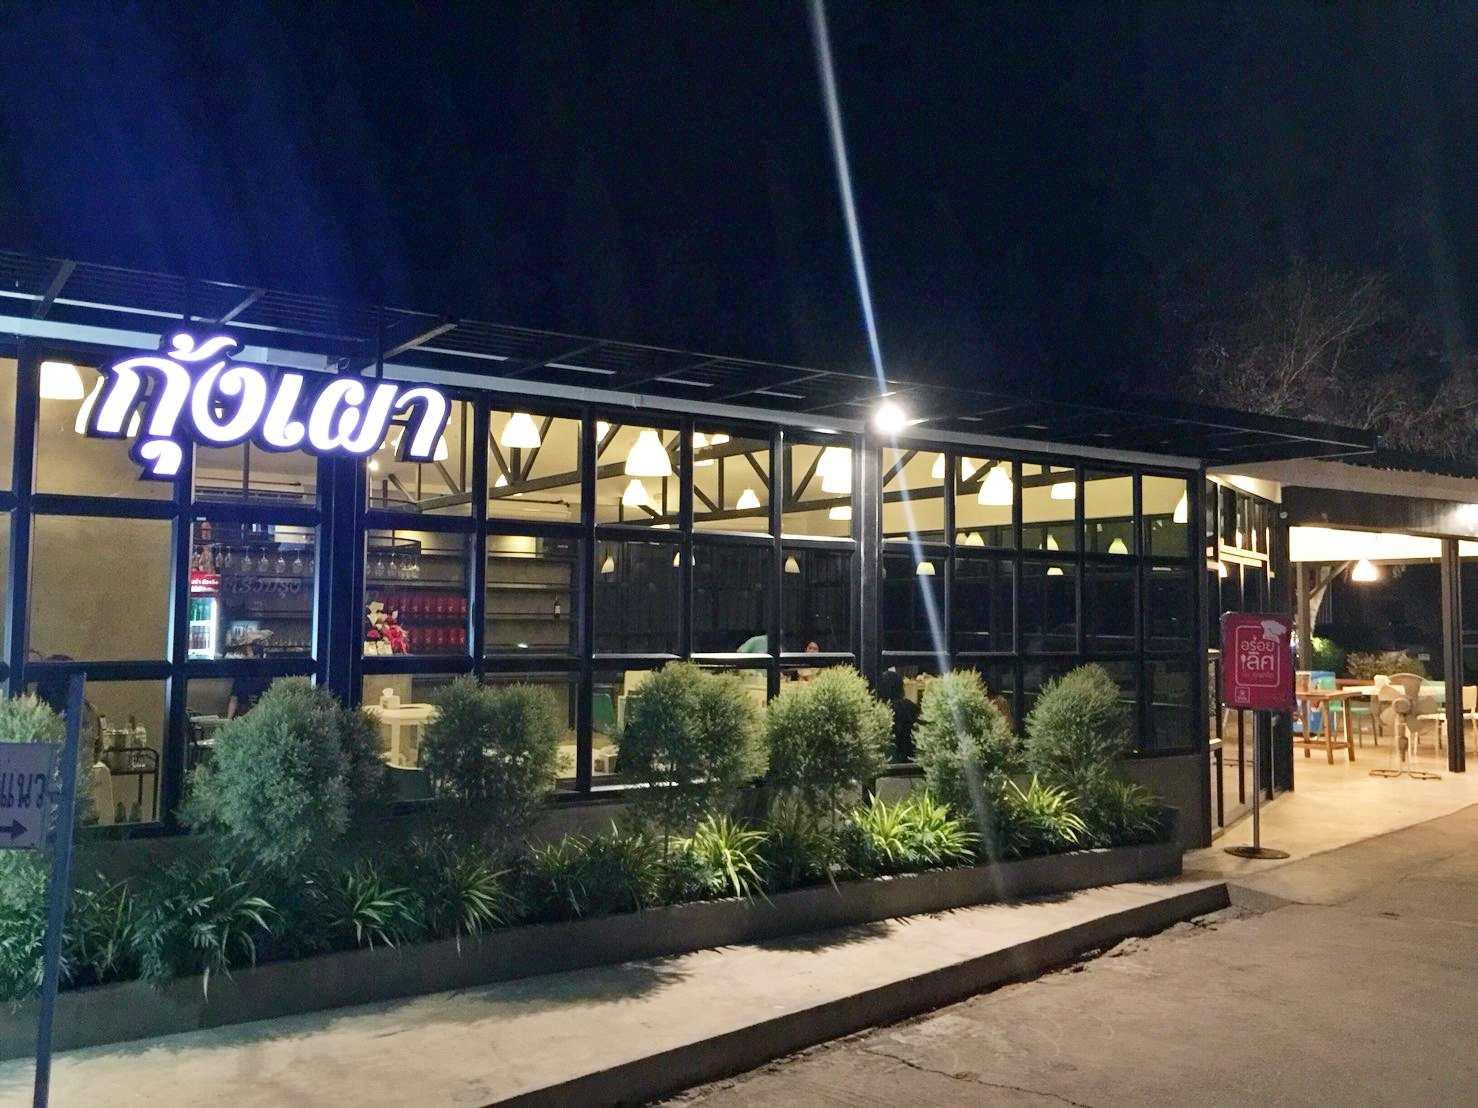 เซ้ง‼️ ร้านอาหาร โครงการกาดน่าน สไตล์ลอฟ แหล่งรวมร้านอาหาร @จ.น่าน อ.เมือง